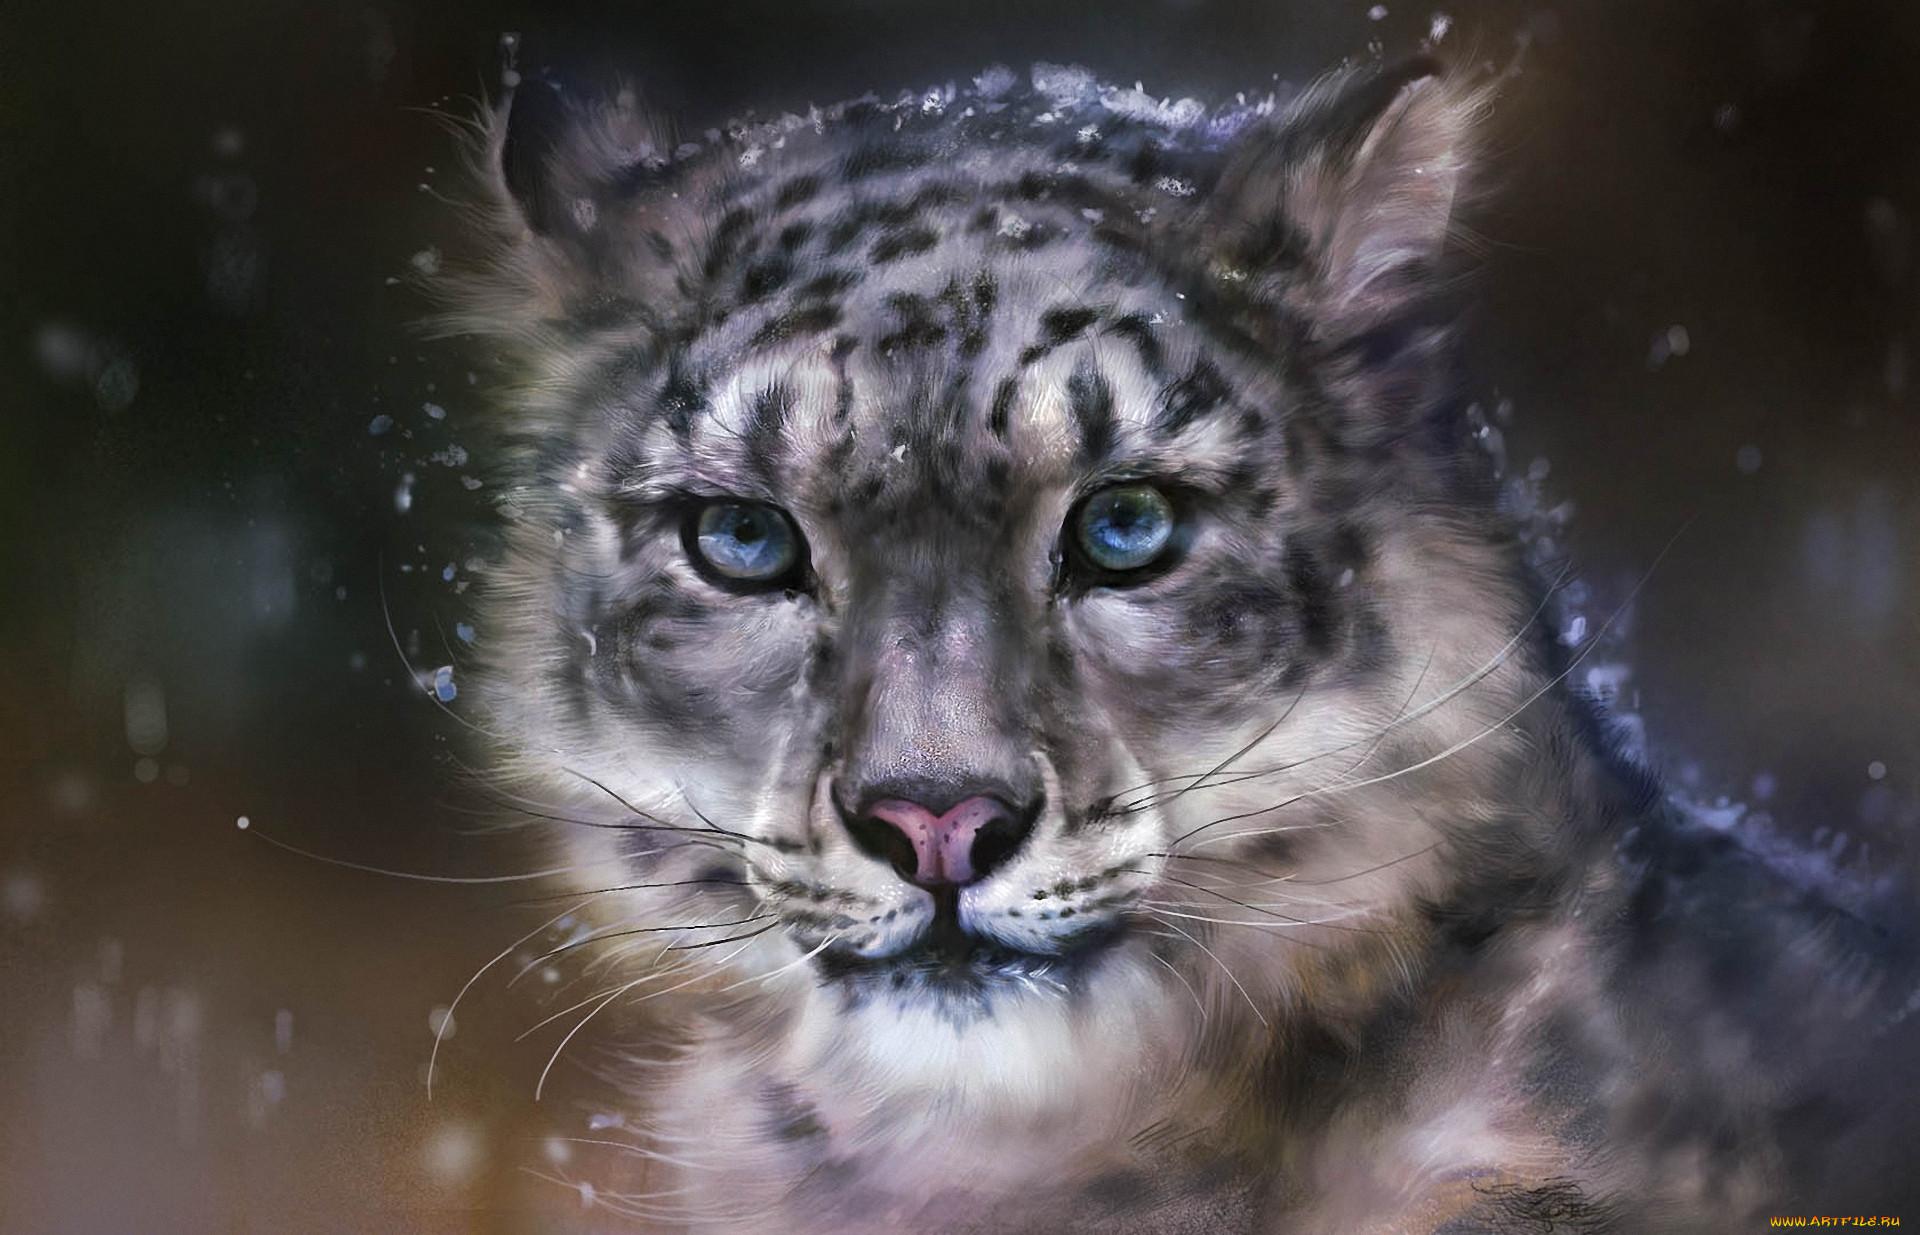 всех крутые картинки диких кошек можете купить коммерческую